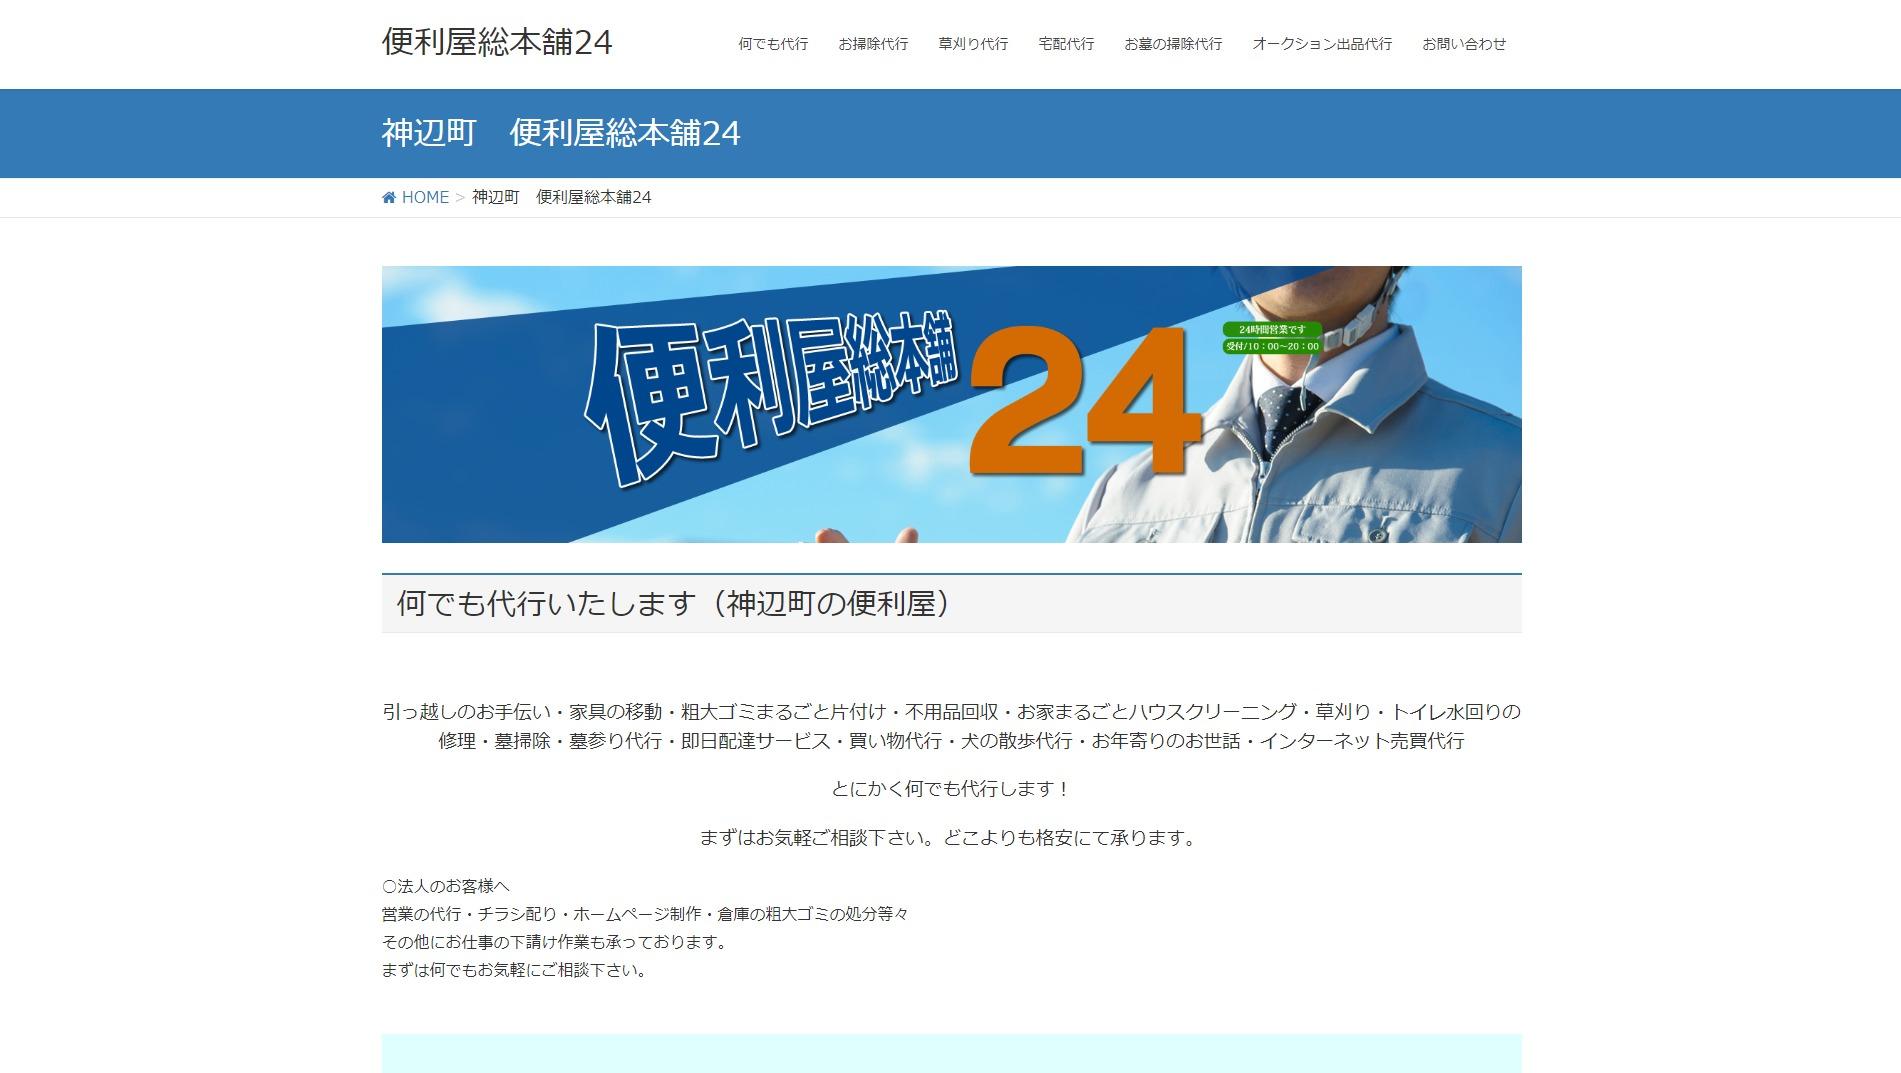 便利屋総本舗24神辺店(広島県福山市神辺町)